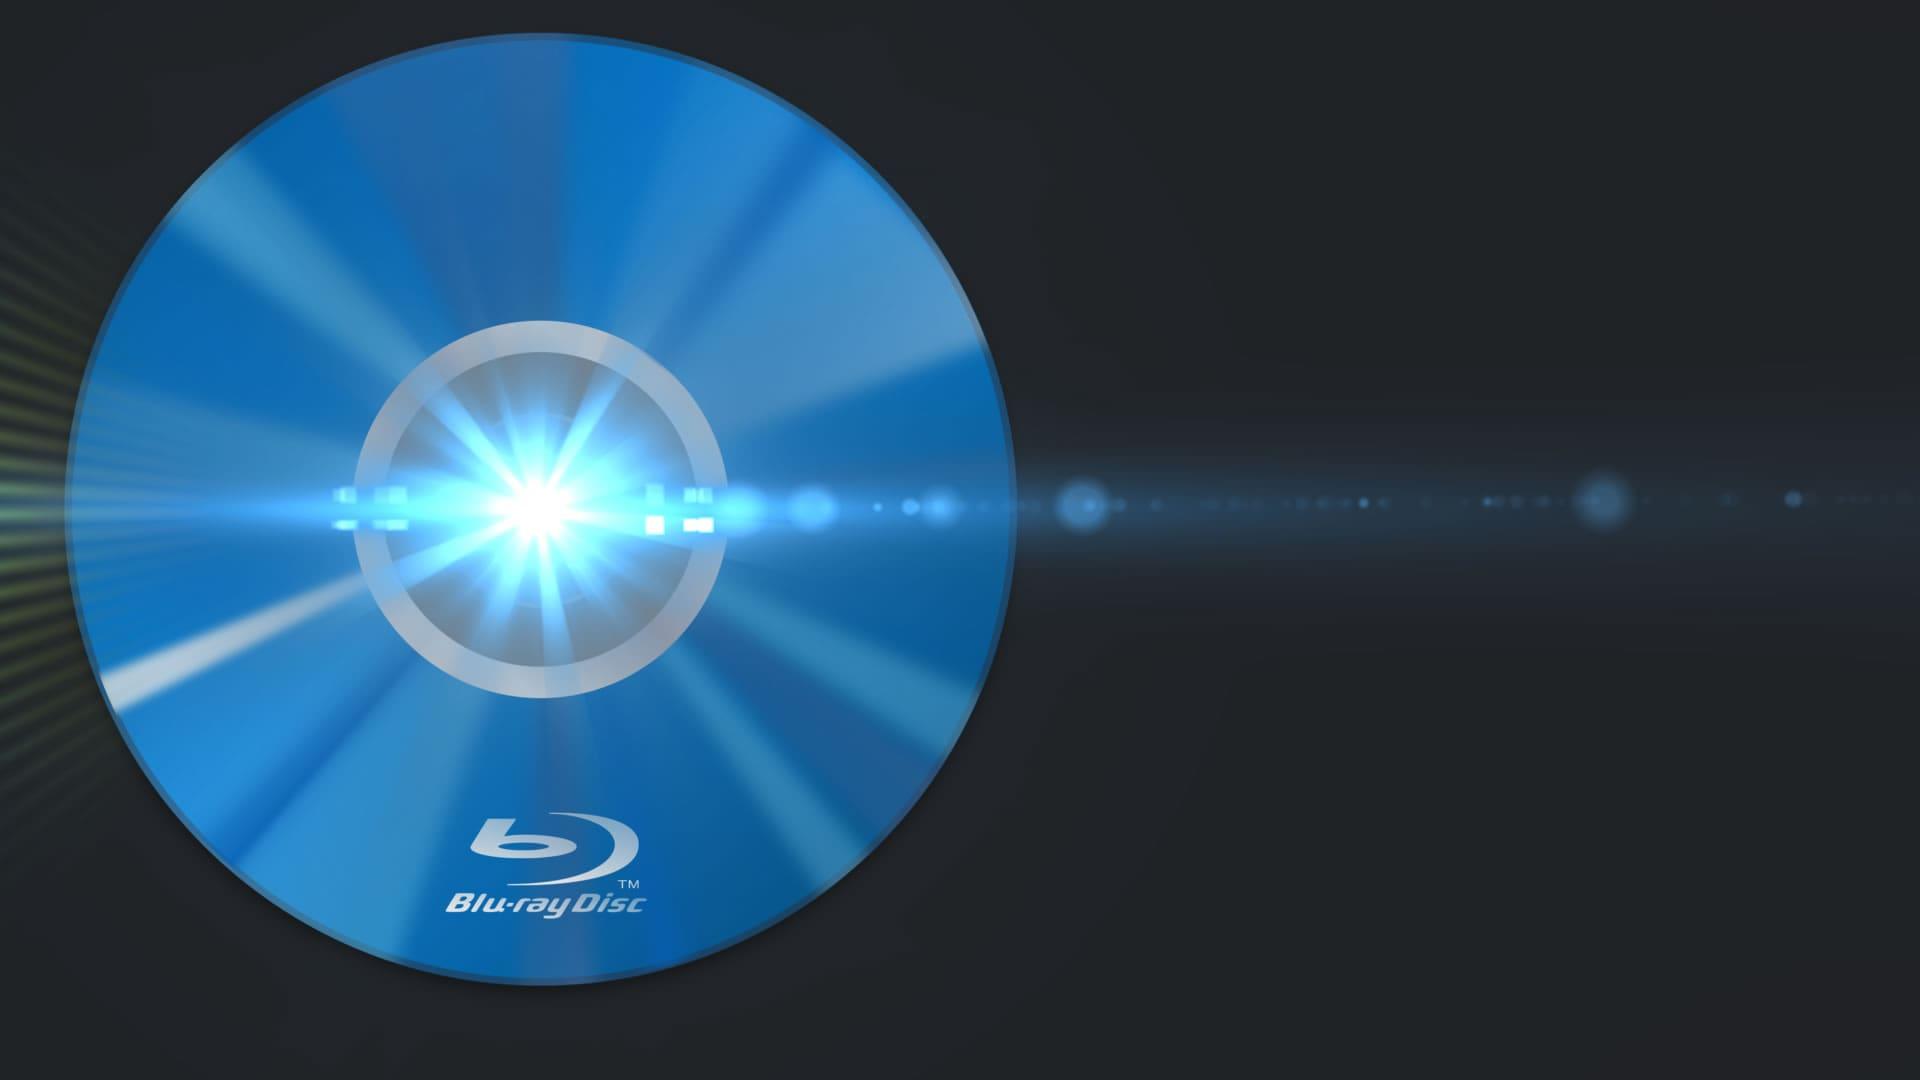 ΤΑΙΝΙΕΣ Blu-ray™ με 5.99€ !!!